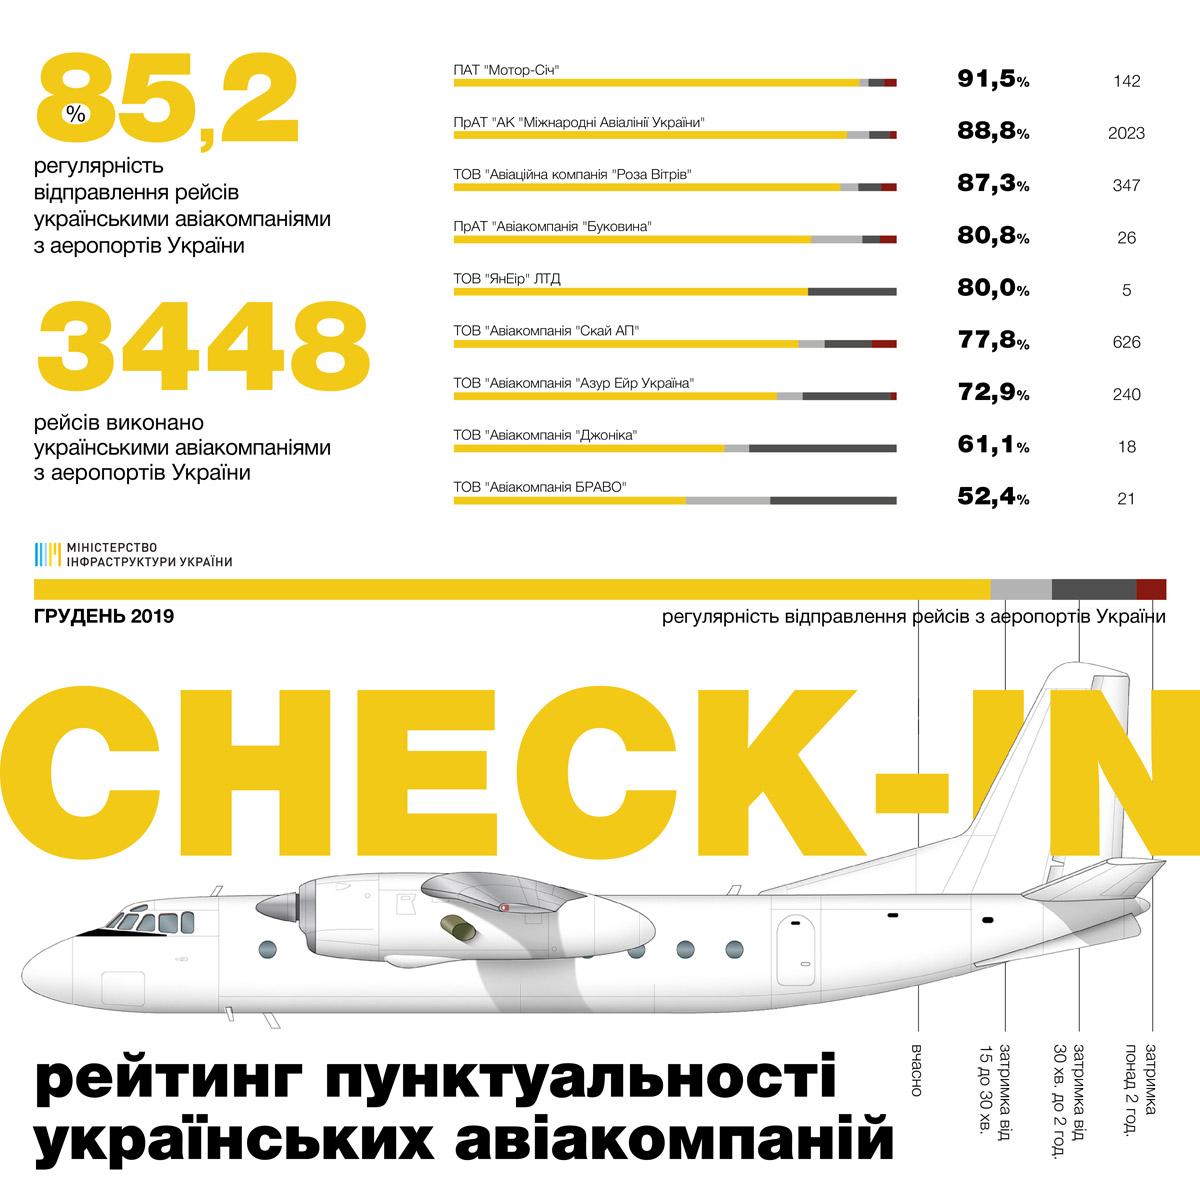 Статистика пунктуальности украинских авиакомпаний в декабре 2019 года